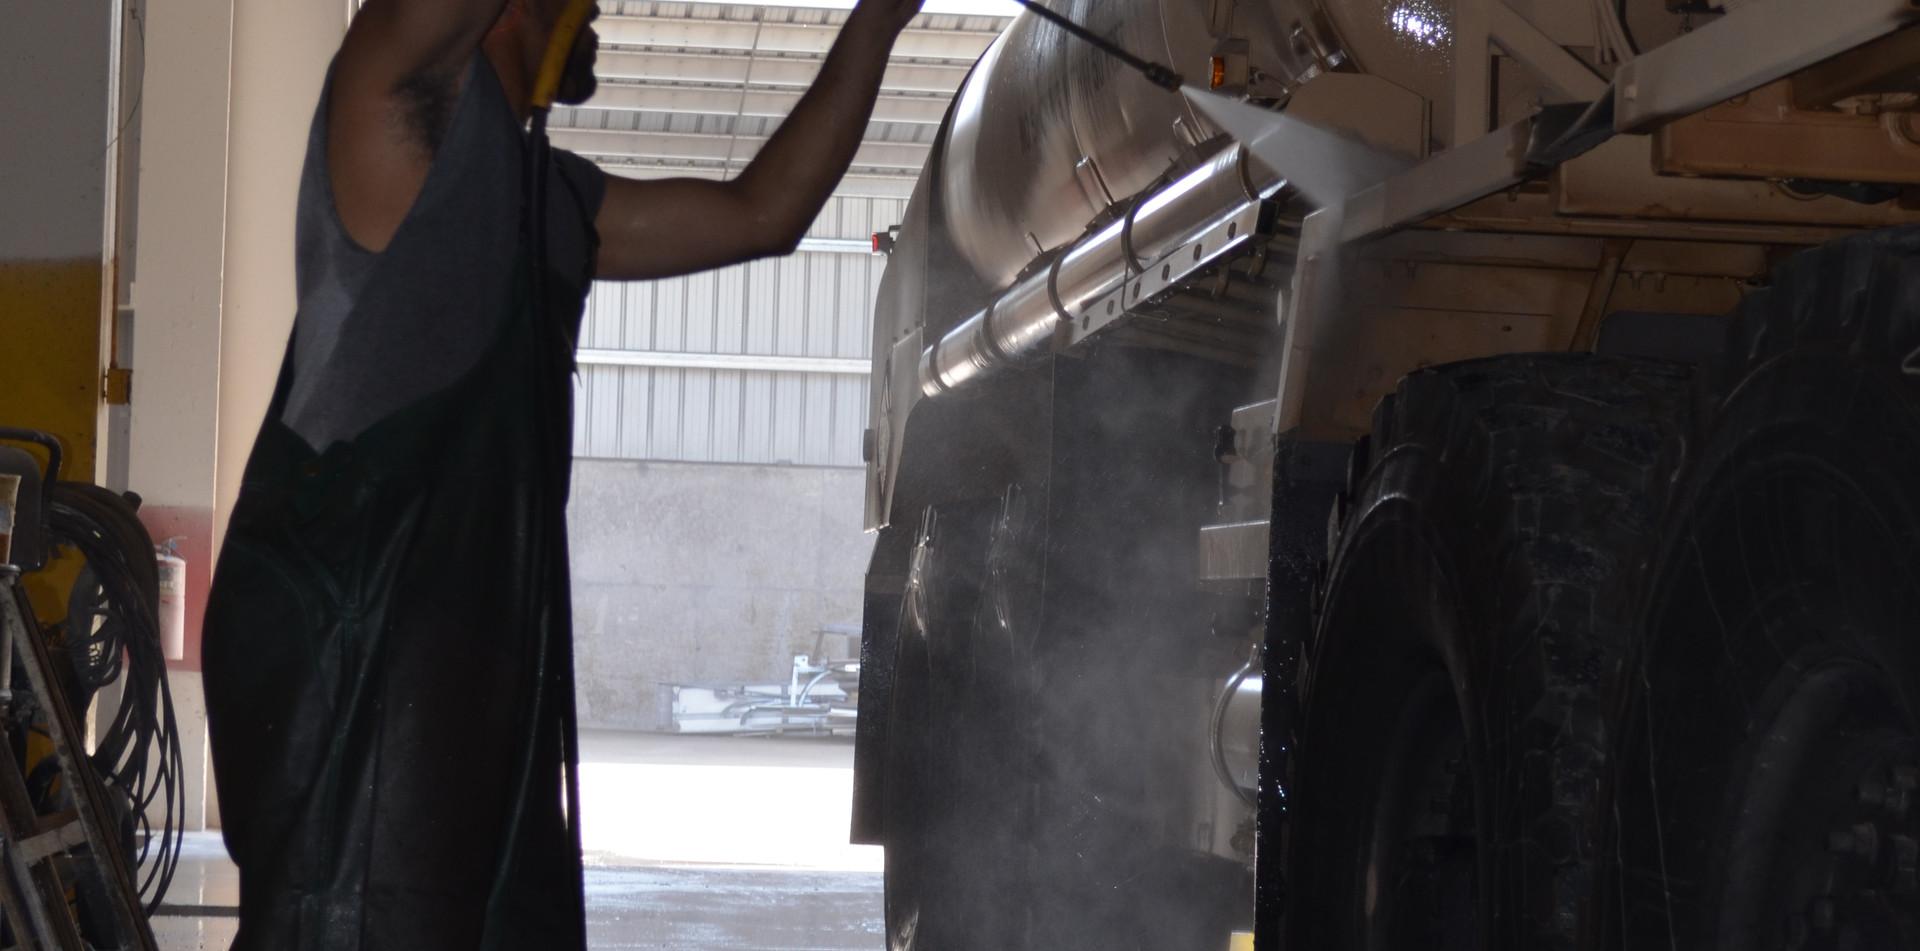 Washing a HEMTT